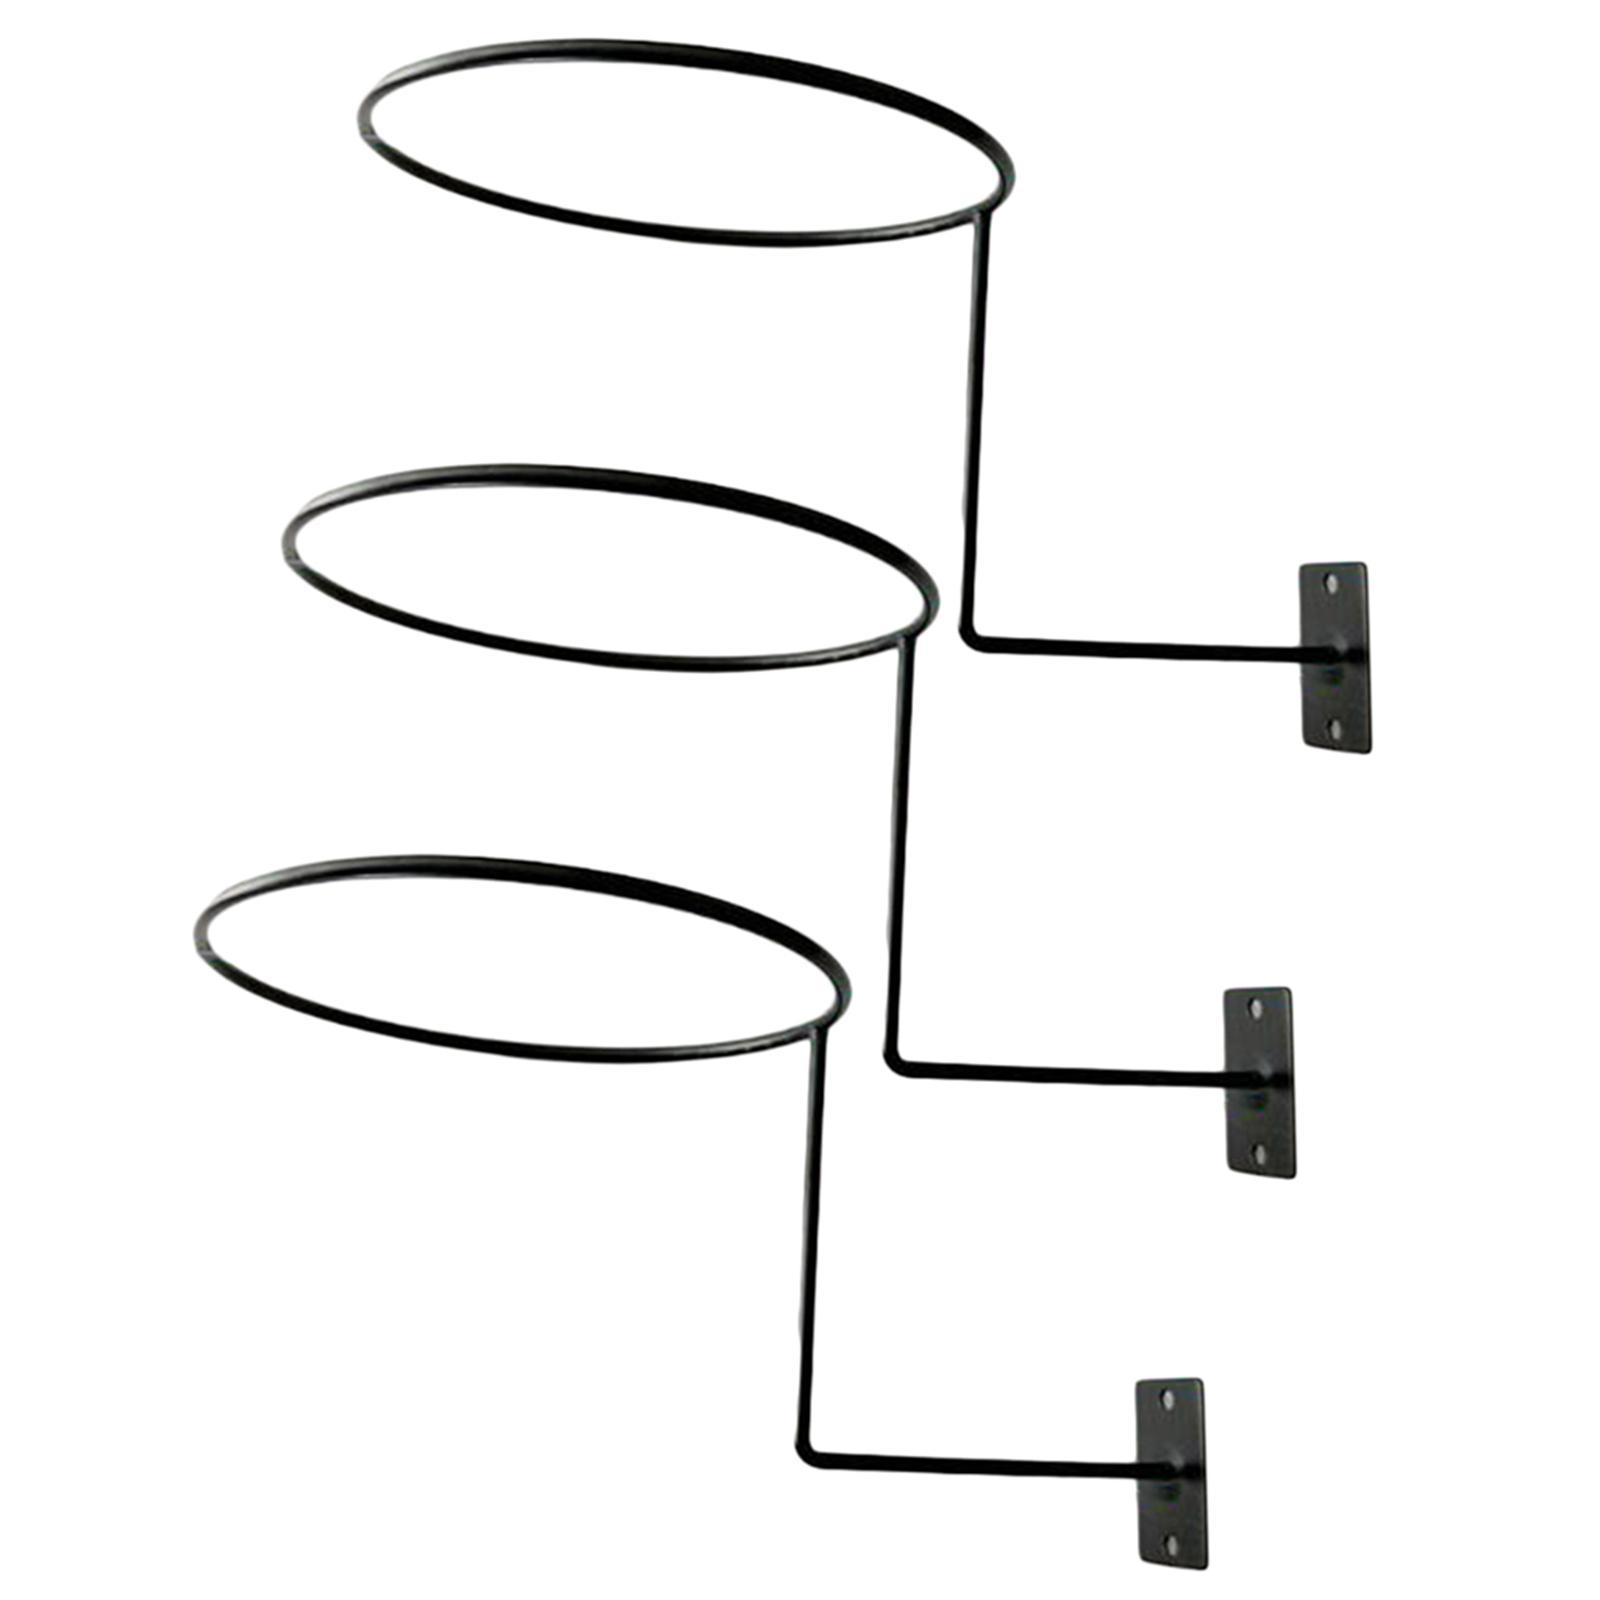 Supporto-per-casco-in-3-pezzi-supporto-per-cappello-supporto-a-muro-supporto miniatura 12